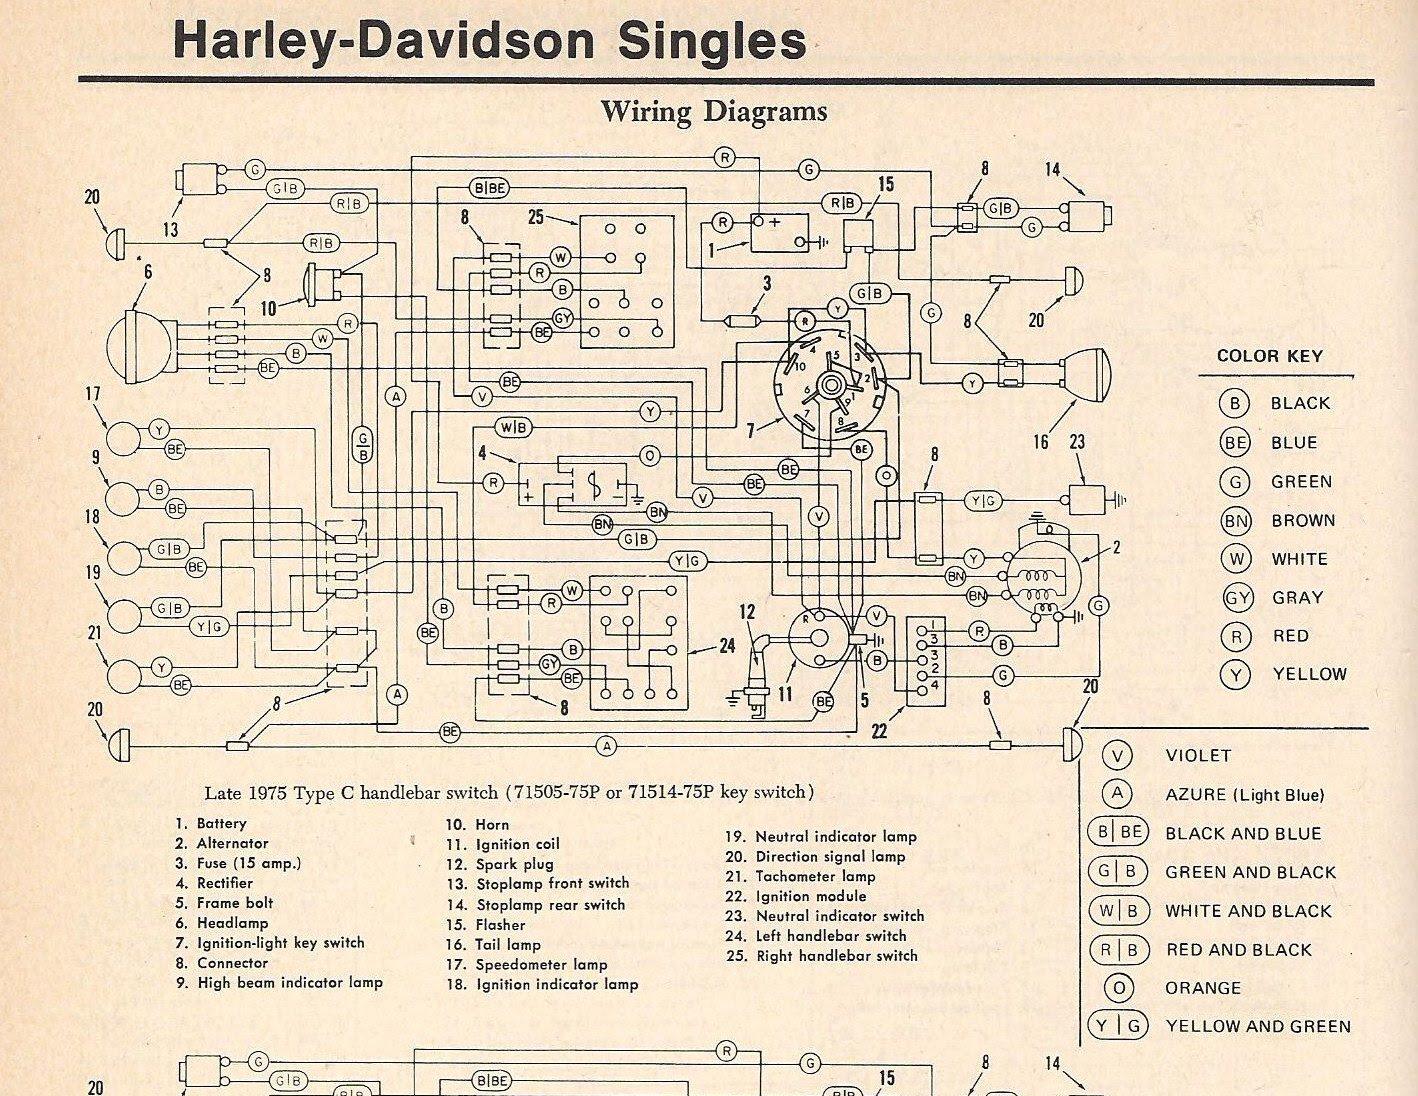 2003 Harley Davidson Wiring Diagrams